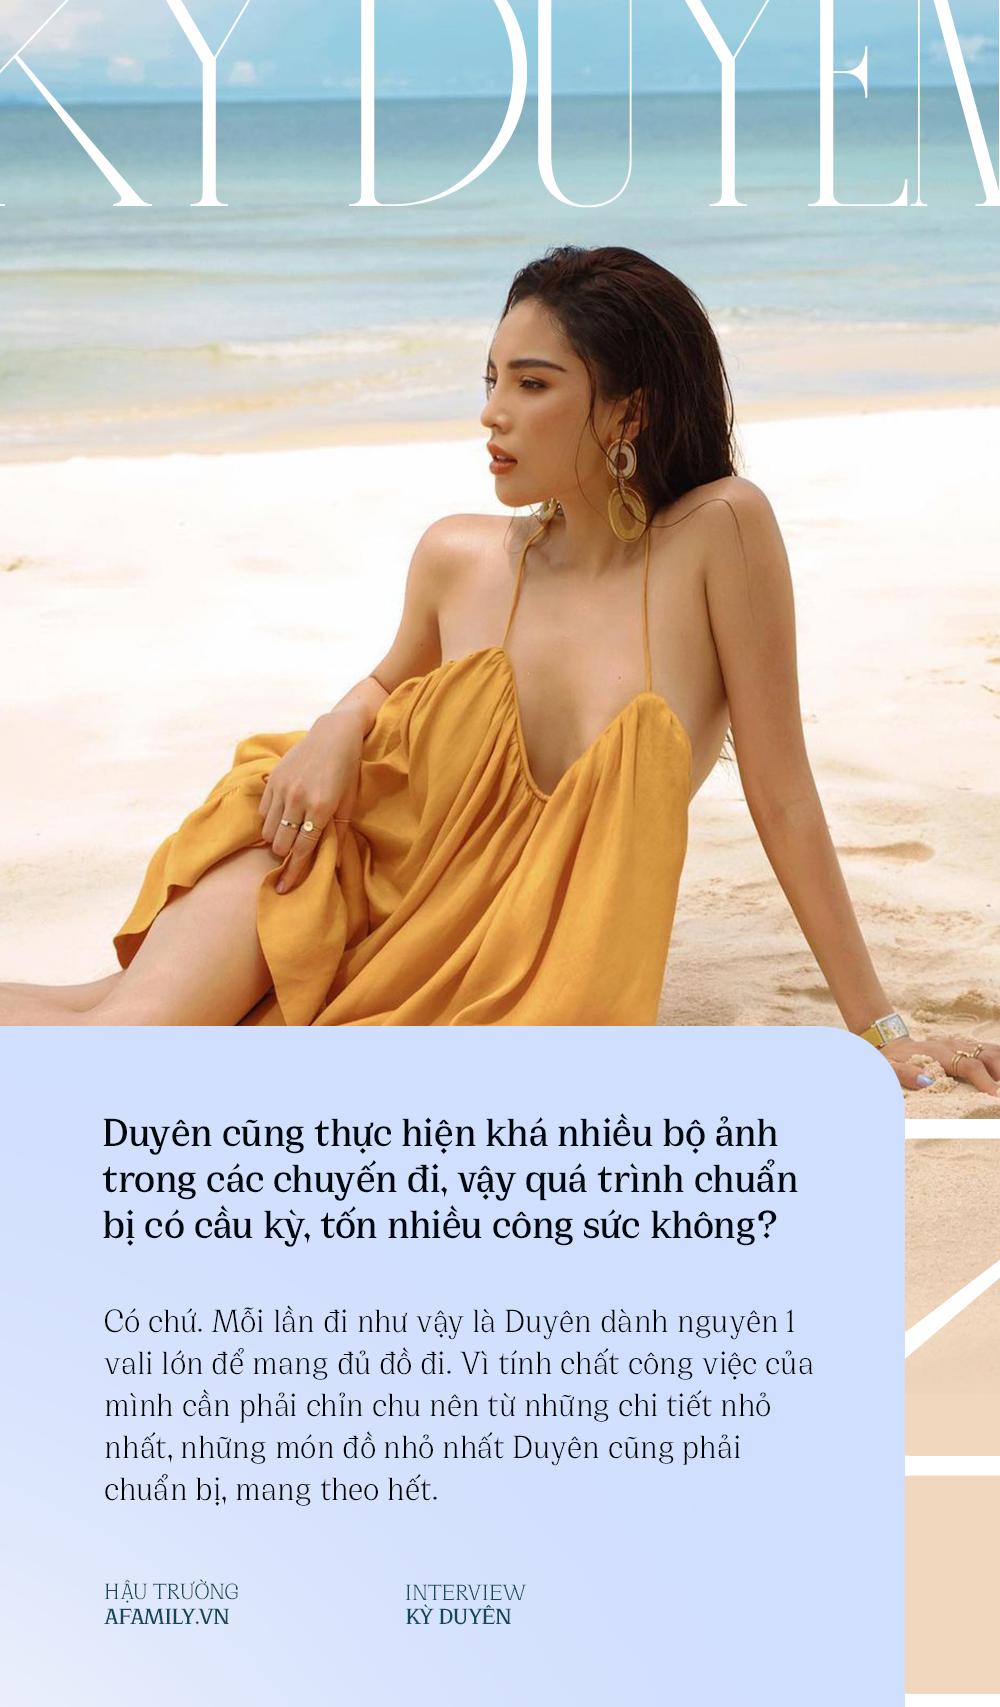 Kỳ Duyên: Nàng hậu cá tính với sở thích du lịch khám phá, bật mí lý do luôn gắn bó với Minh Triệu như hình với bóng - Ảnh 5.